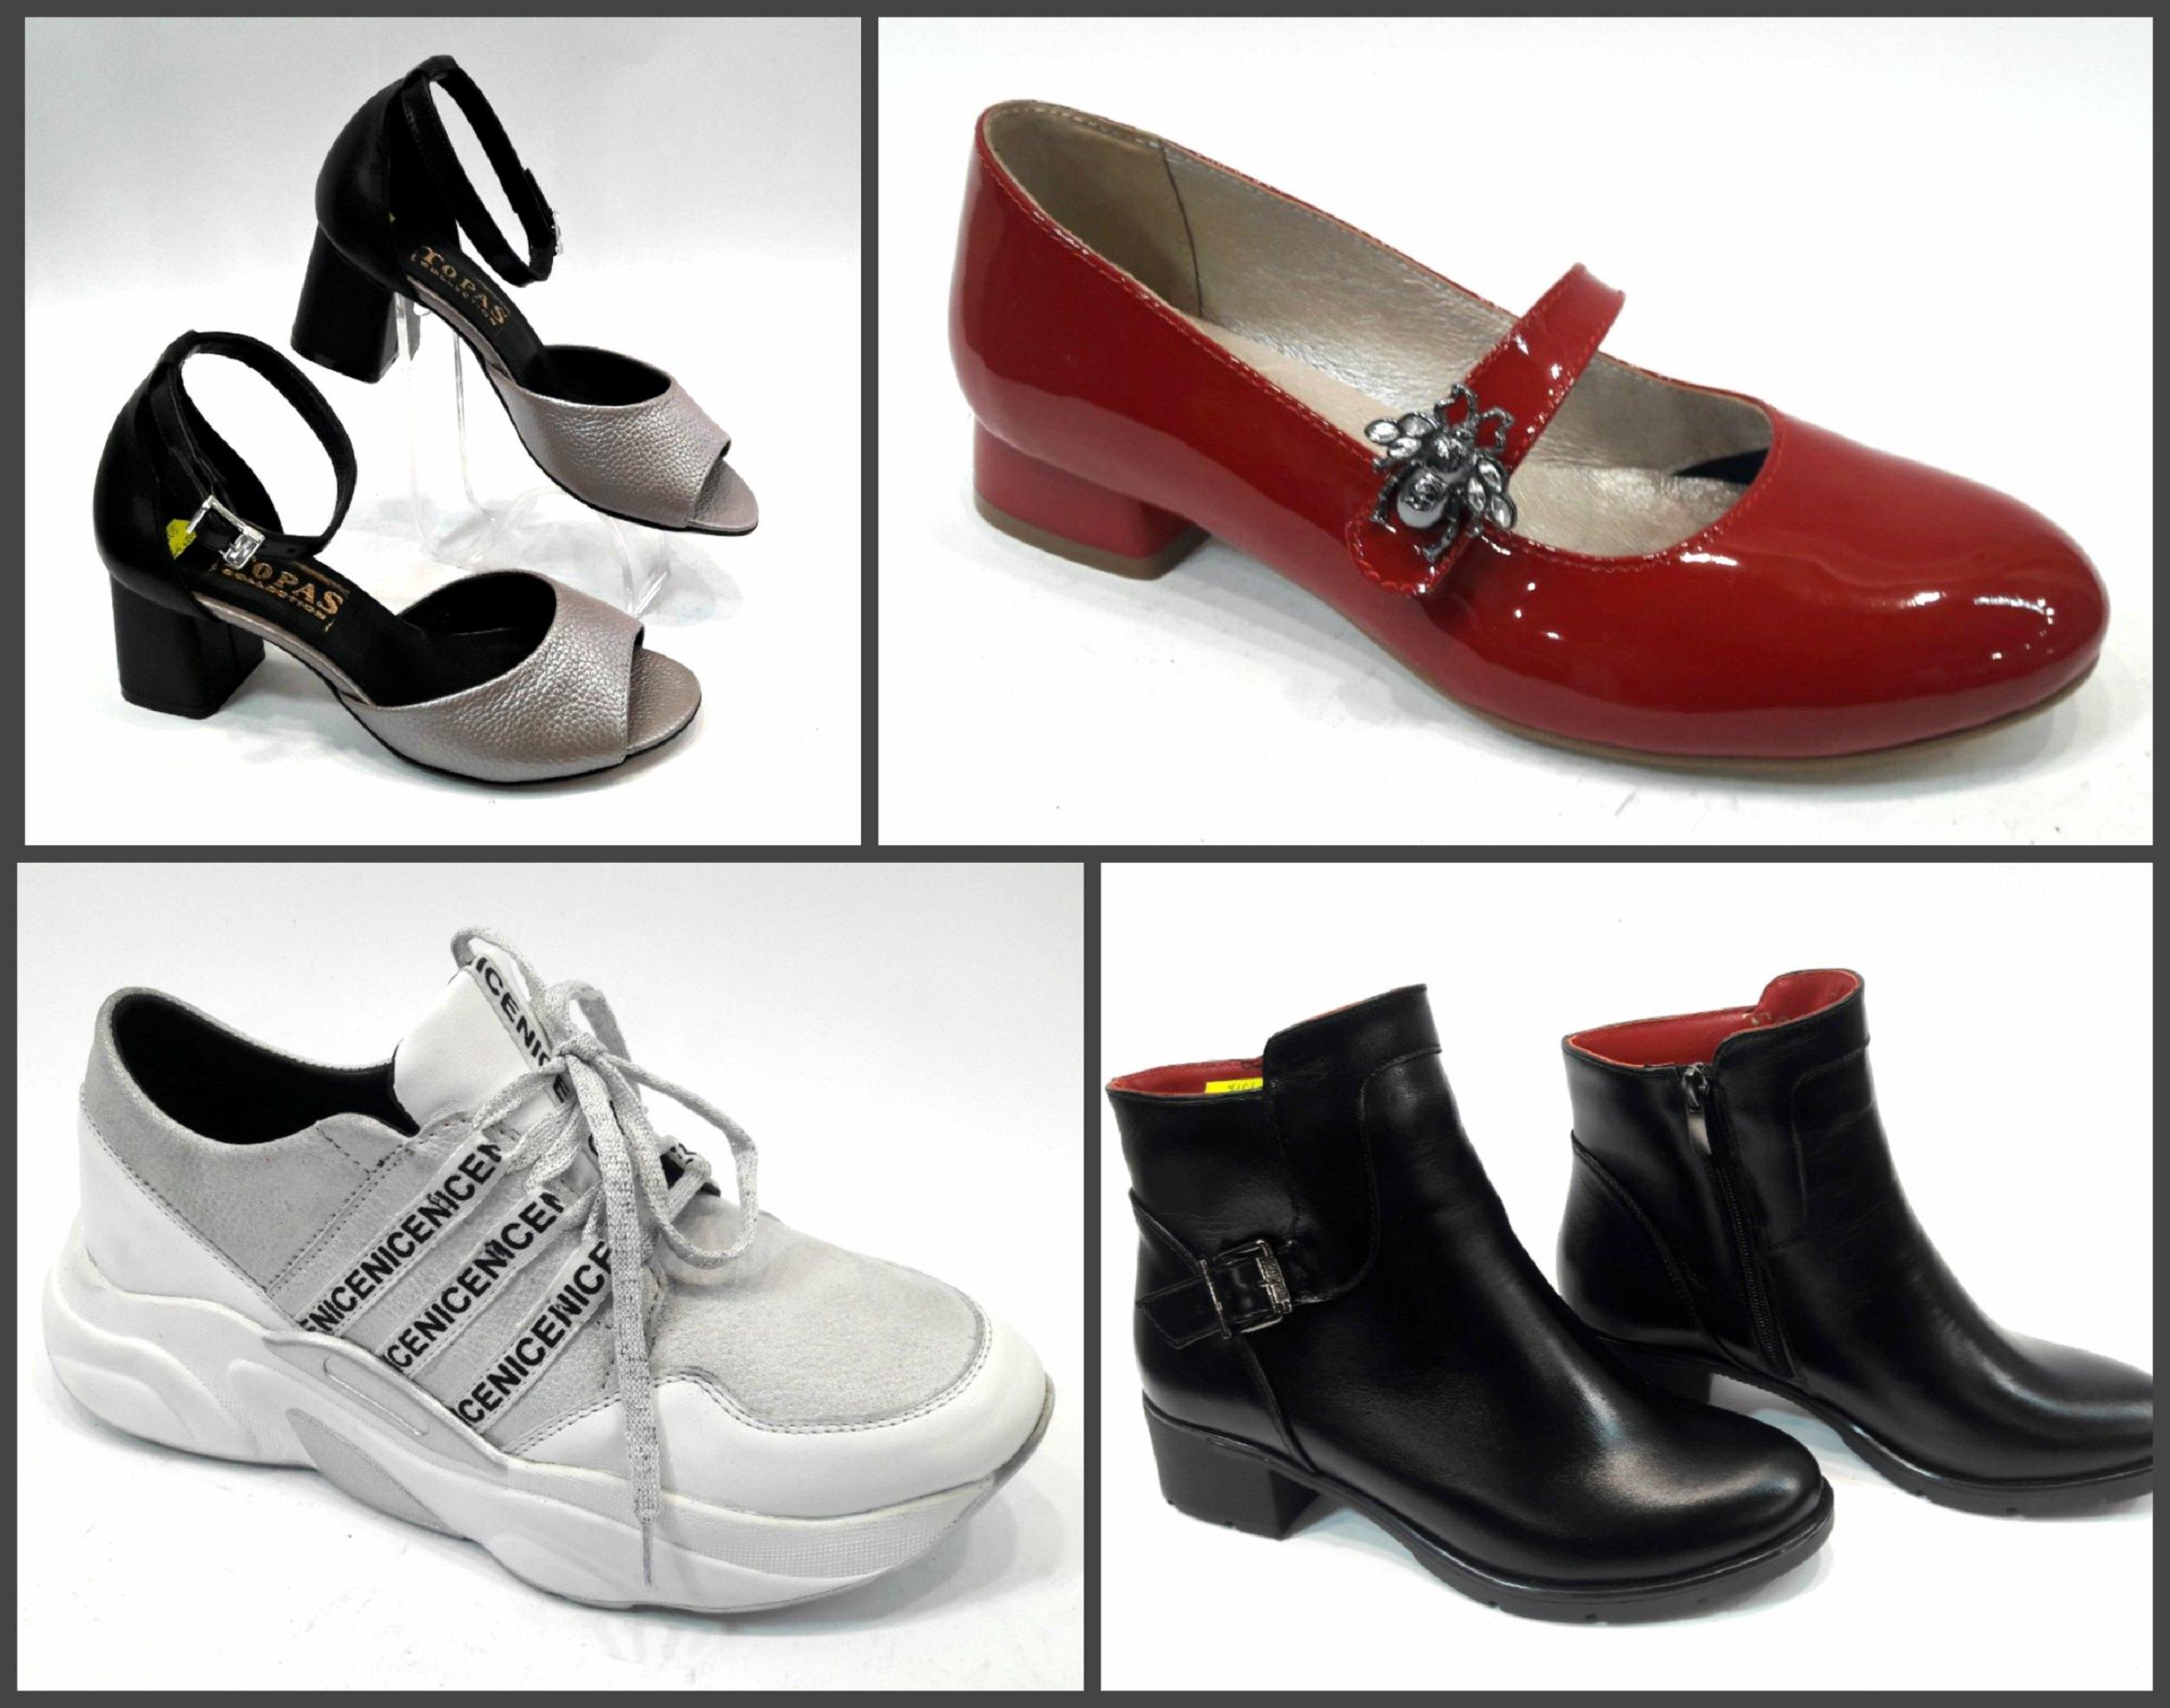 e5e95deee Весна 2019 - Новая коллекция обувной фабрики Topas из города Днепр уже ждет  вас.